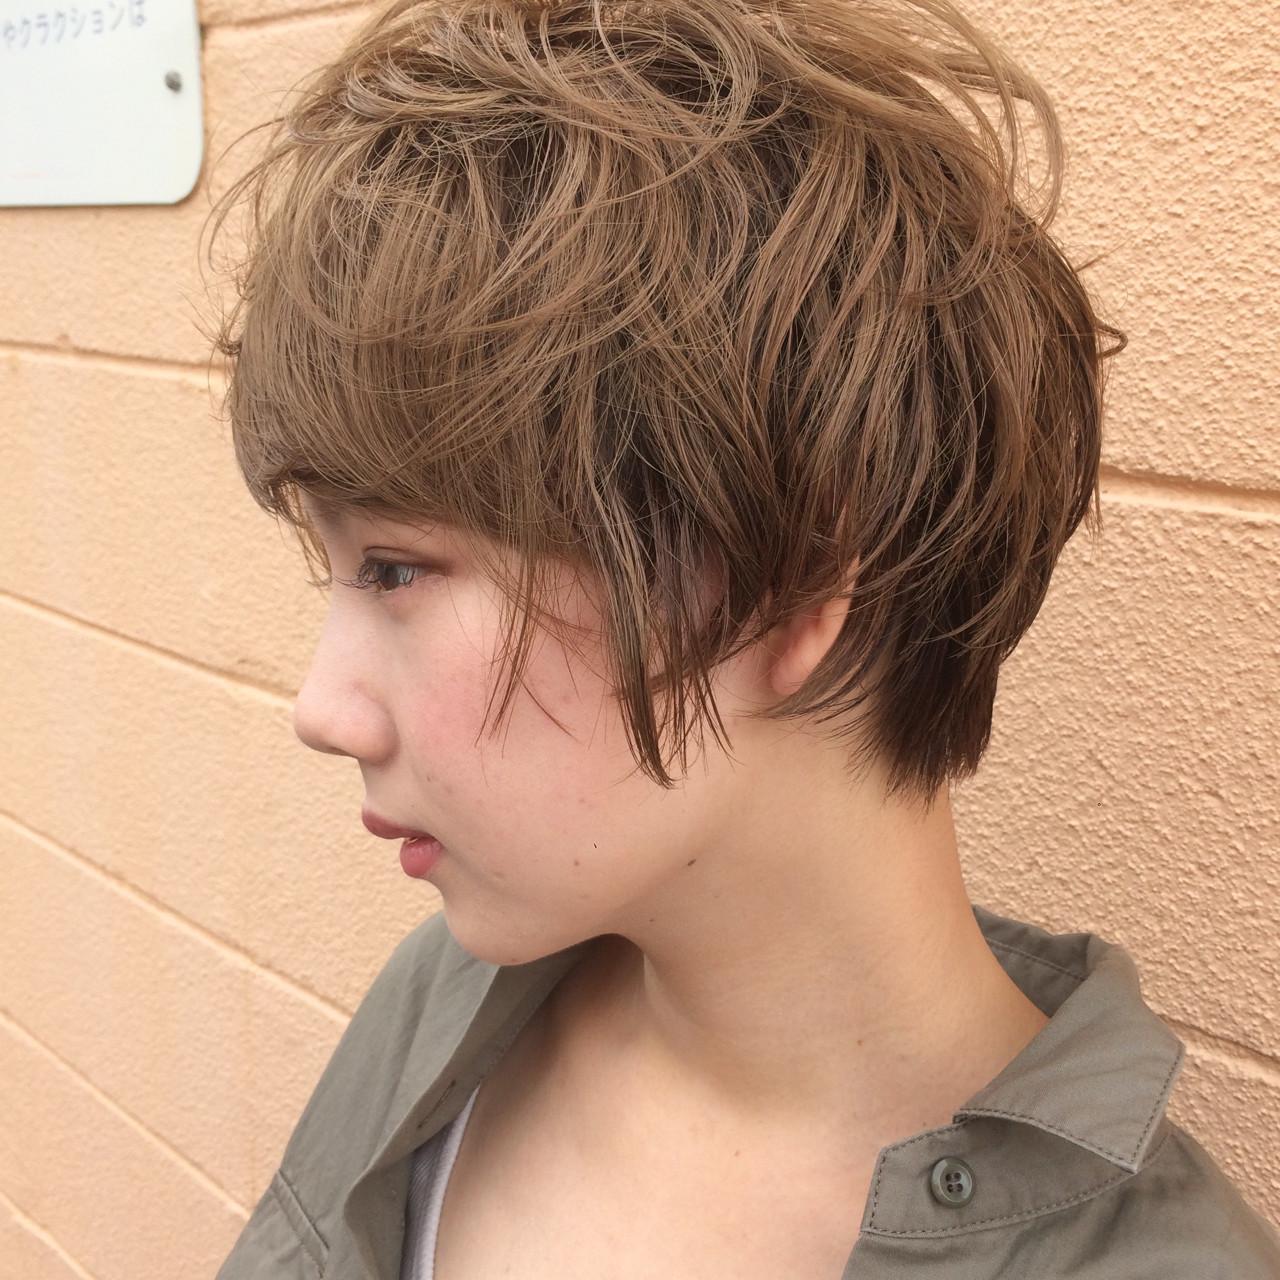 パーマ ラフ ウェットヘア ナチュラル ヘアスタイルや髪型の写真・画像